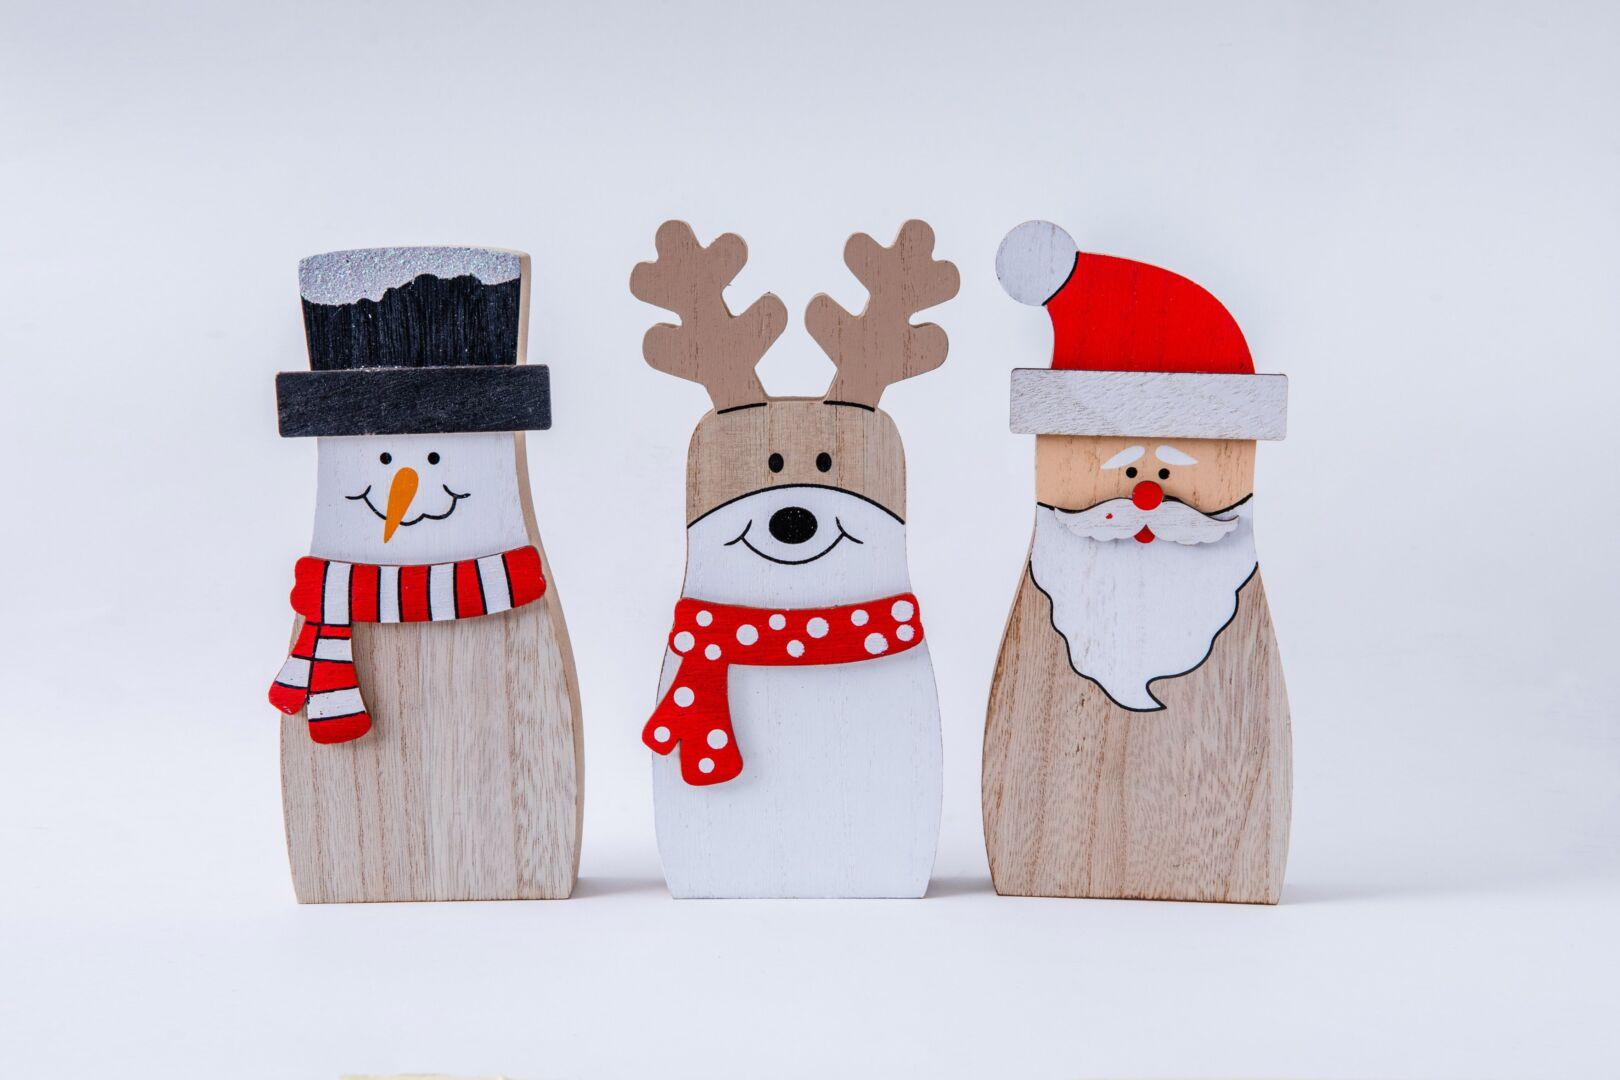 Αυτά τα Χριστούγεννα τα δώρα μας θα είναι από τα Παιδικά Χωριά SOS- Μια κίνηση αγάπης σε τιμές Black Friday